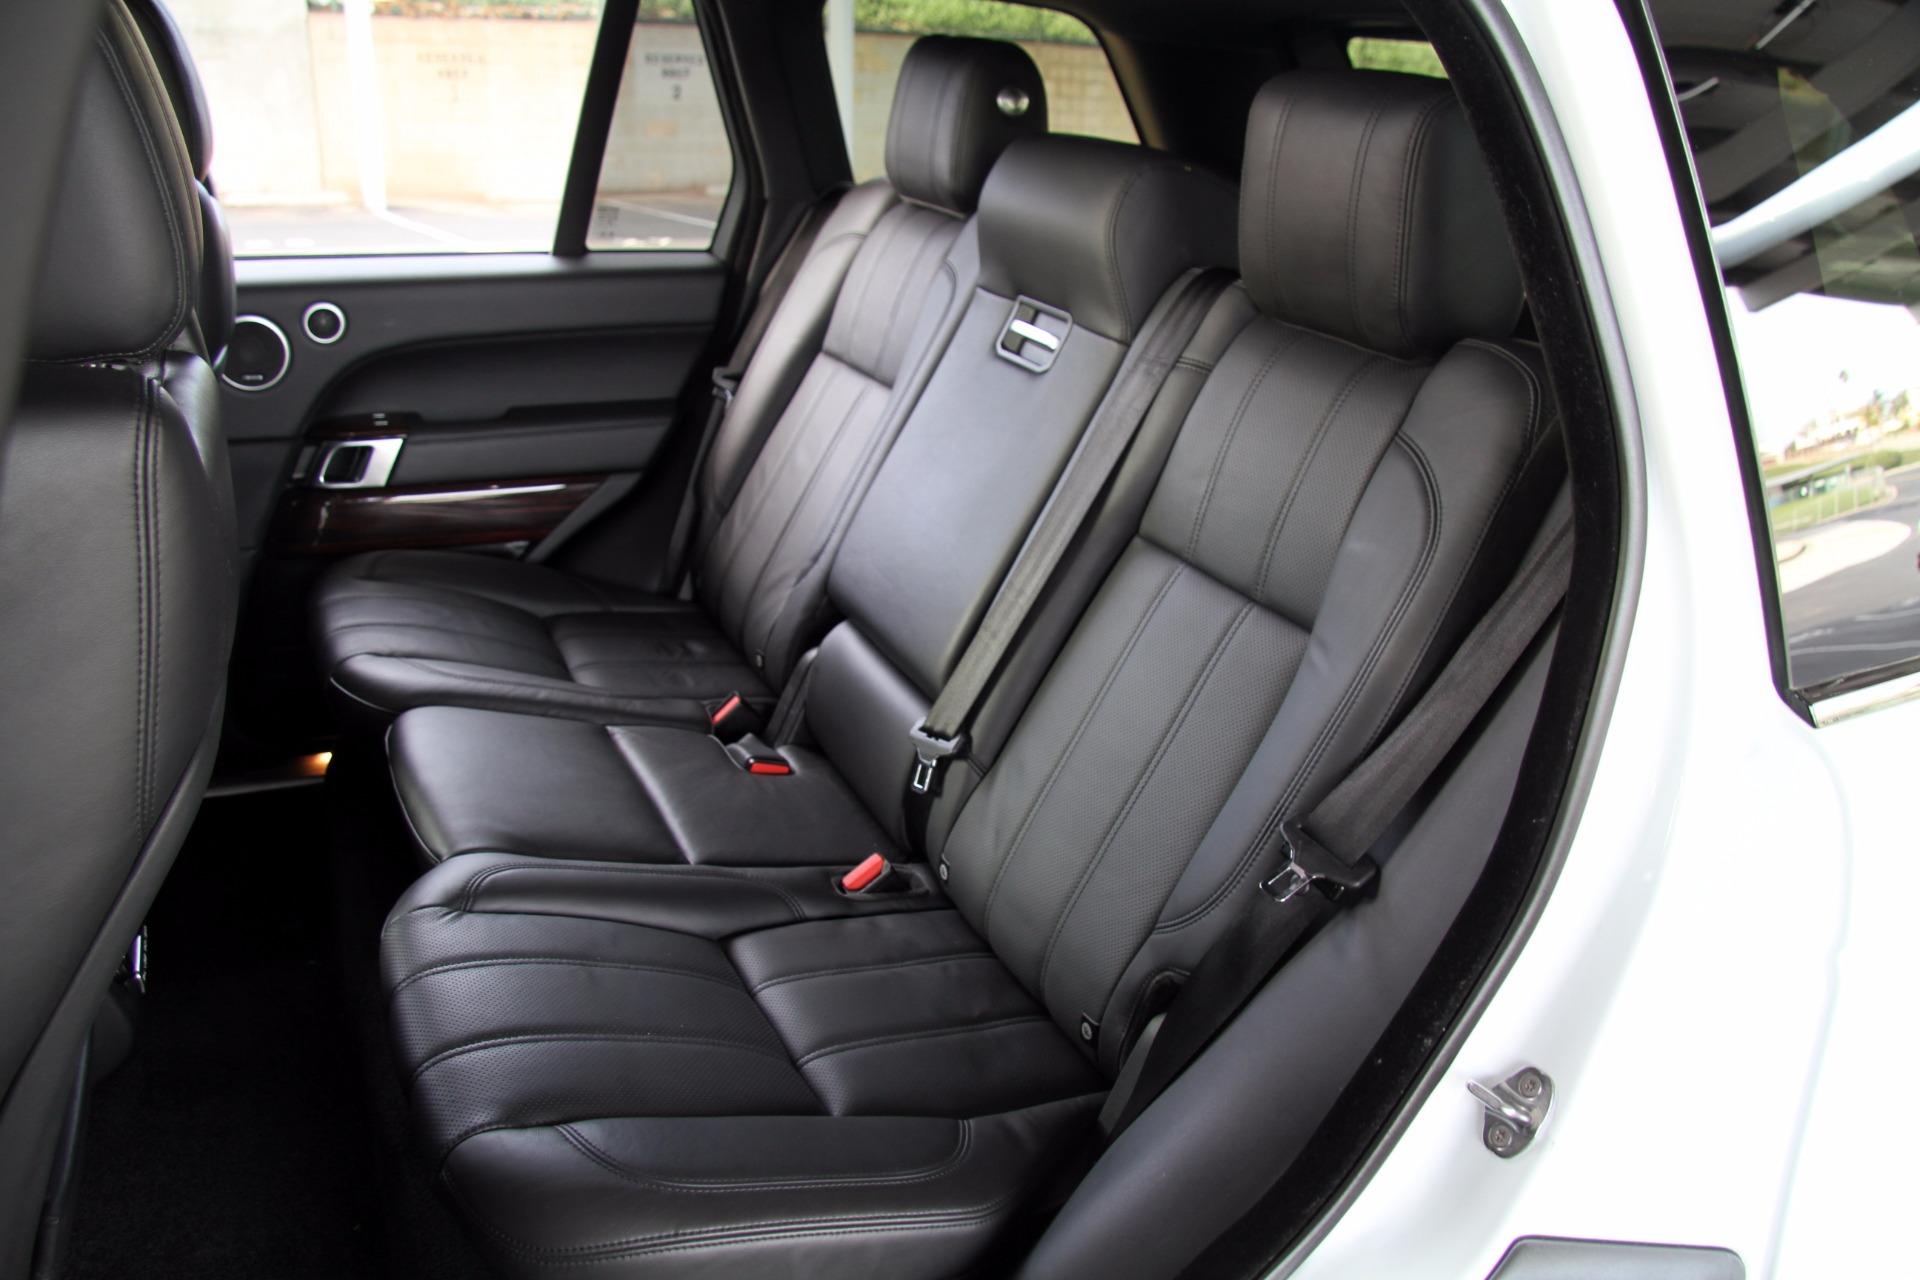 Fein Land Rover Ir3 Schaltplan Fotos - Elektrische Schaltplan-Ideen ...